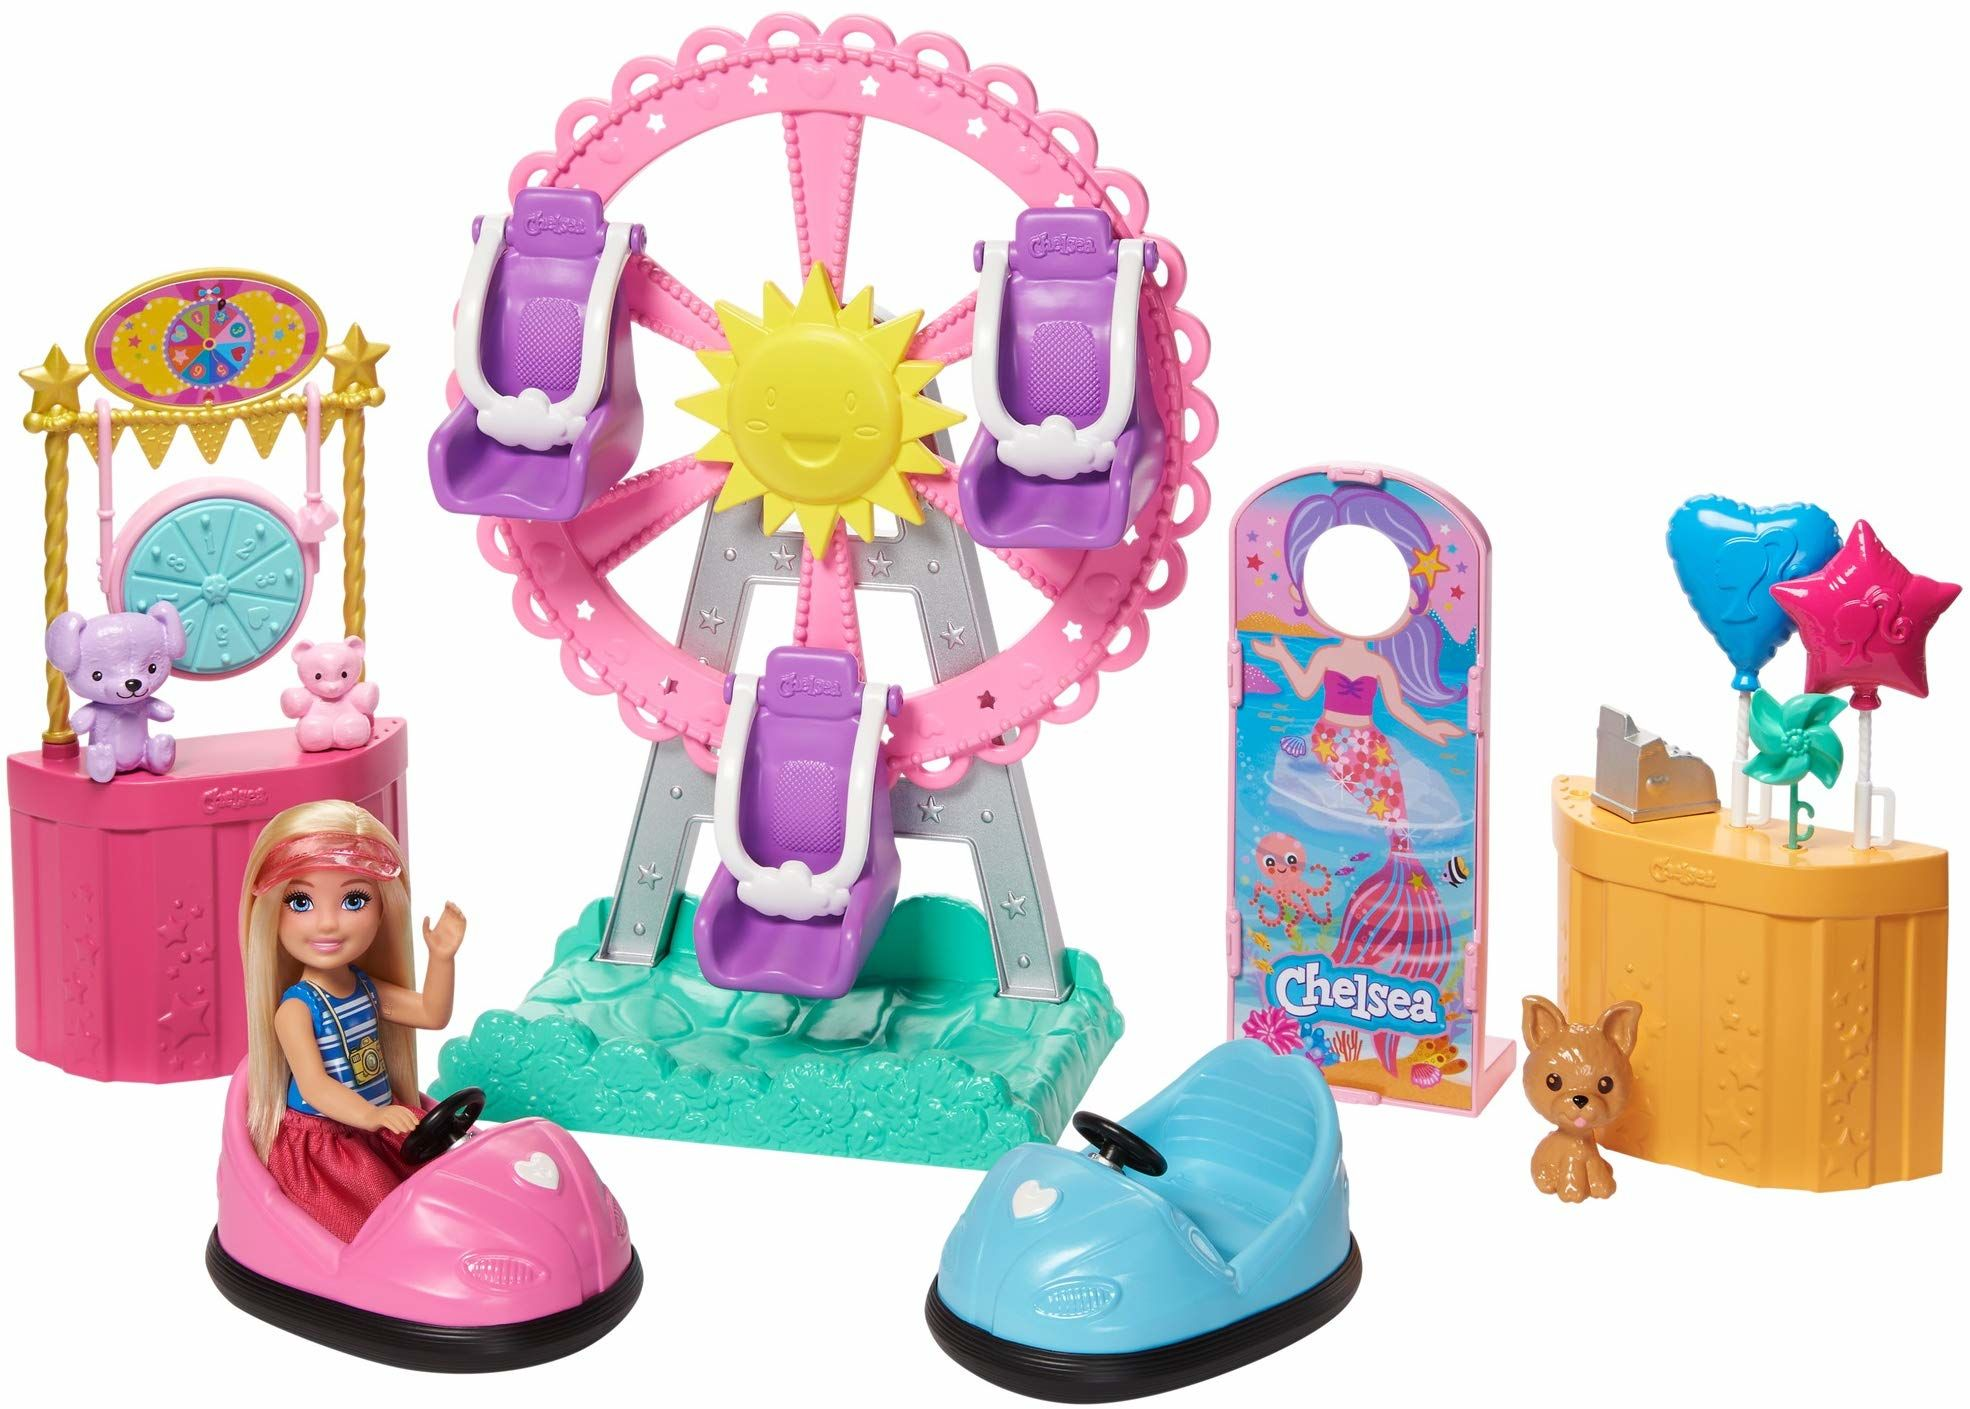 Barbie GHV82 , Chelsea Wesołe Miasteczko Zestaw Do Zabawy Z Lalką I Akcesoriami Ghv82